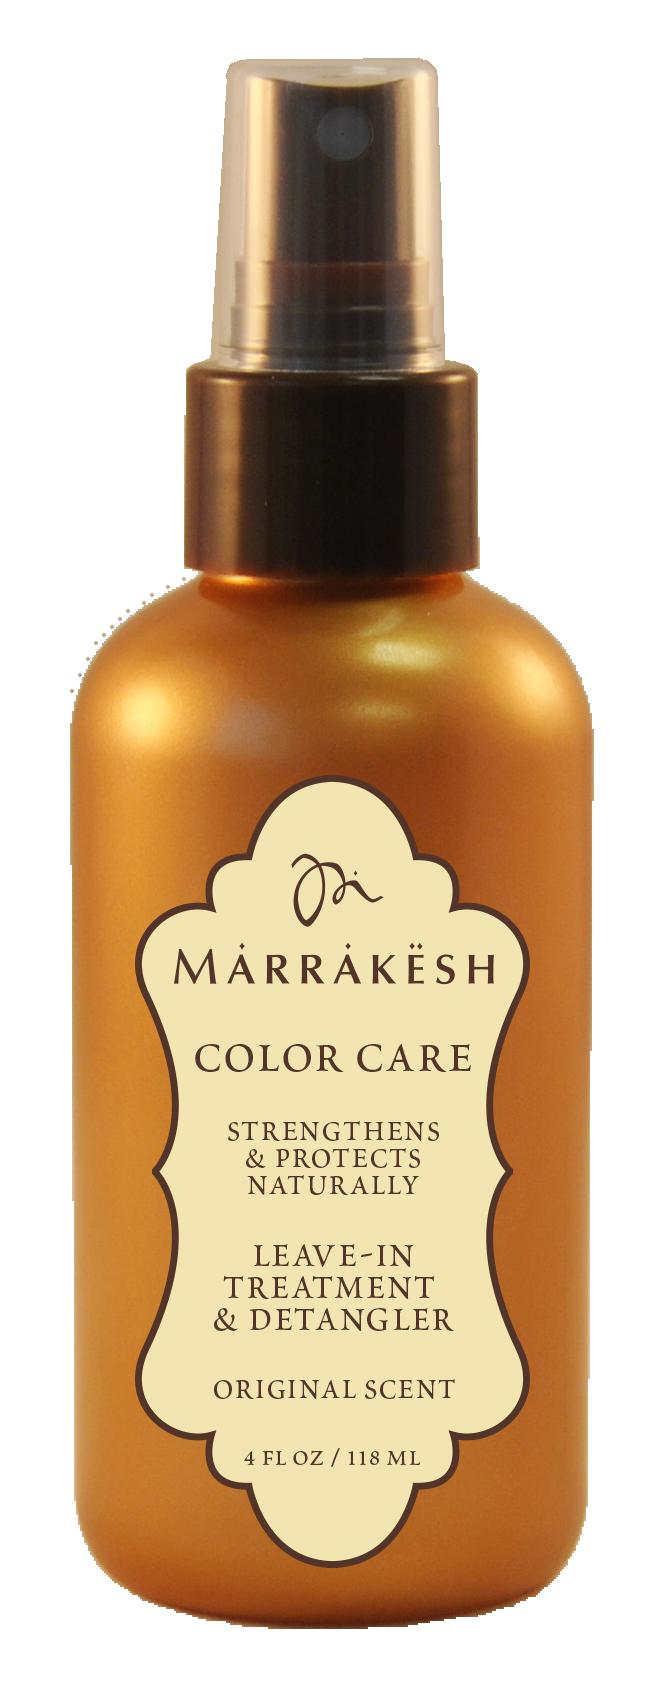 MARRAKESH Спрей несмываемый для окрашенных волос / Marrakesh X Leave-in Color Original 118 млКондиционеры<br>Color Care Leave In Treatment &amp;amp; Detangler Несмываемый спрей-кондиционер для окрашенных волос Marrakesh подходит для ежедневного применения на окрашенных и осветленных волосах. Обеспечивает естественную защиту окрашенных волос от УФ лучей и горячей укладки. Облегчает расчесывание и предотвращает повреждение сухих, пористых волос. Способ применения: равномерно распылить на влажные, подсушенные полотенцем волосы. Не смывать. Приступить к укладке.<br><br>Тип: Спрей-кондиционер<br>Объем: 118 мл<br>Вид средства для волос: Несмываемый